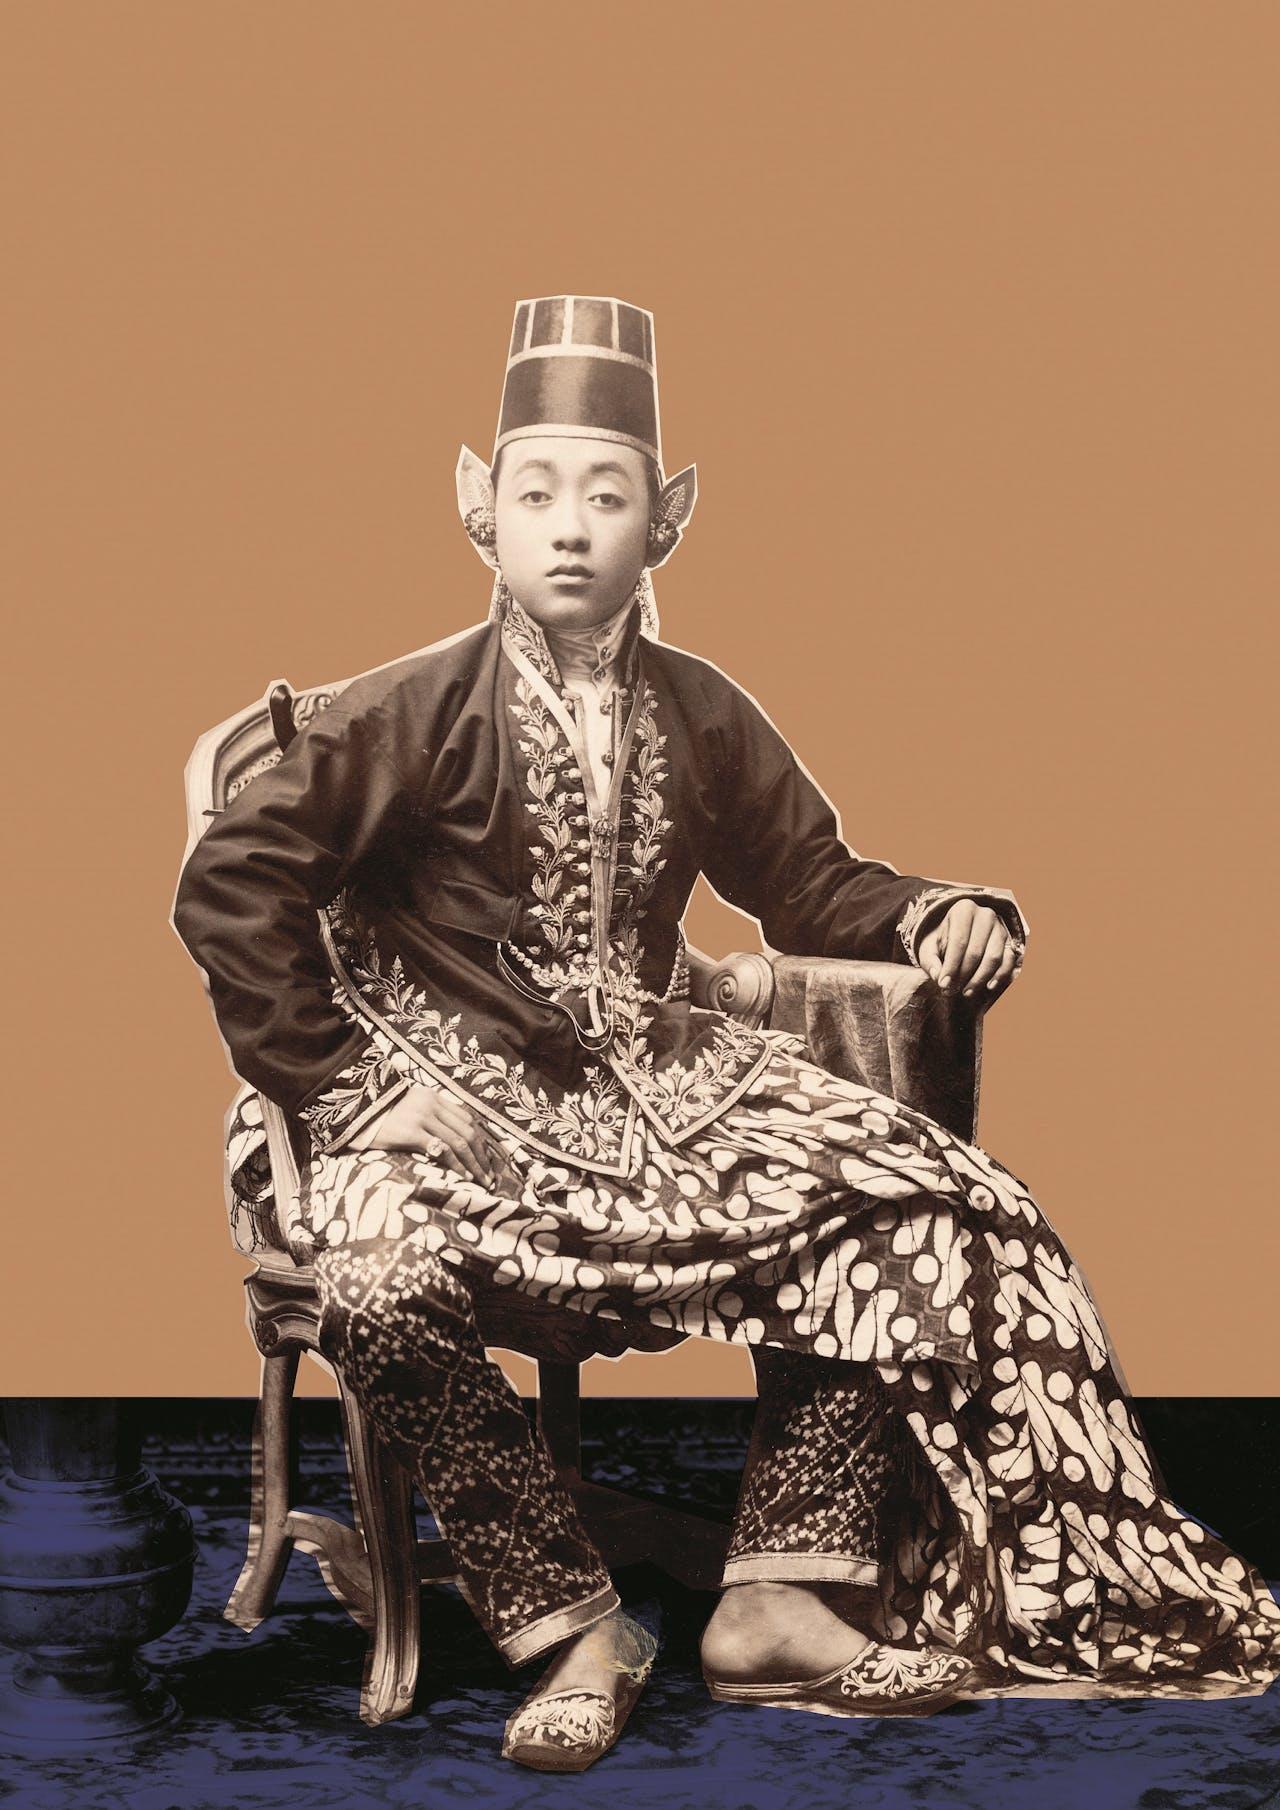 'Little Prince – Ears become a true fetish in body enhancement. Beam me up!' is het commentaar bij deze Javaanse prins uit 1871-1890.